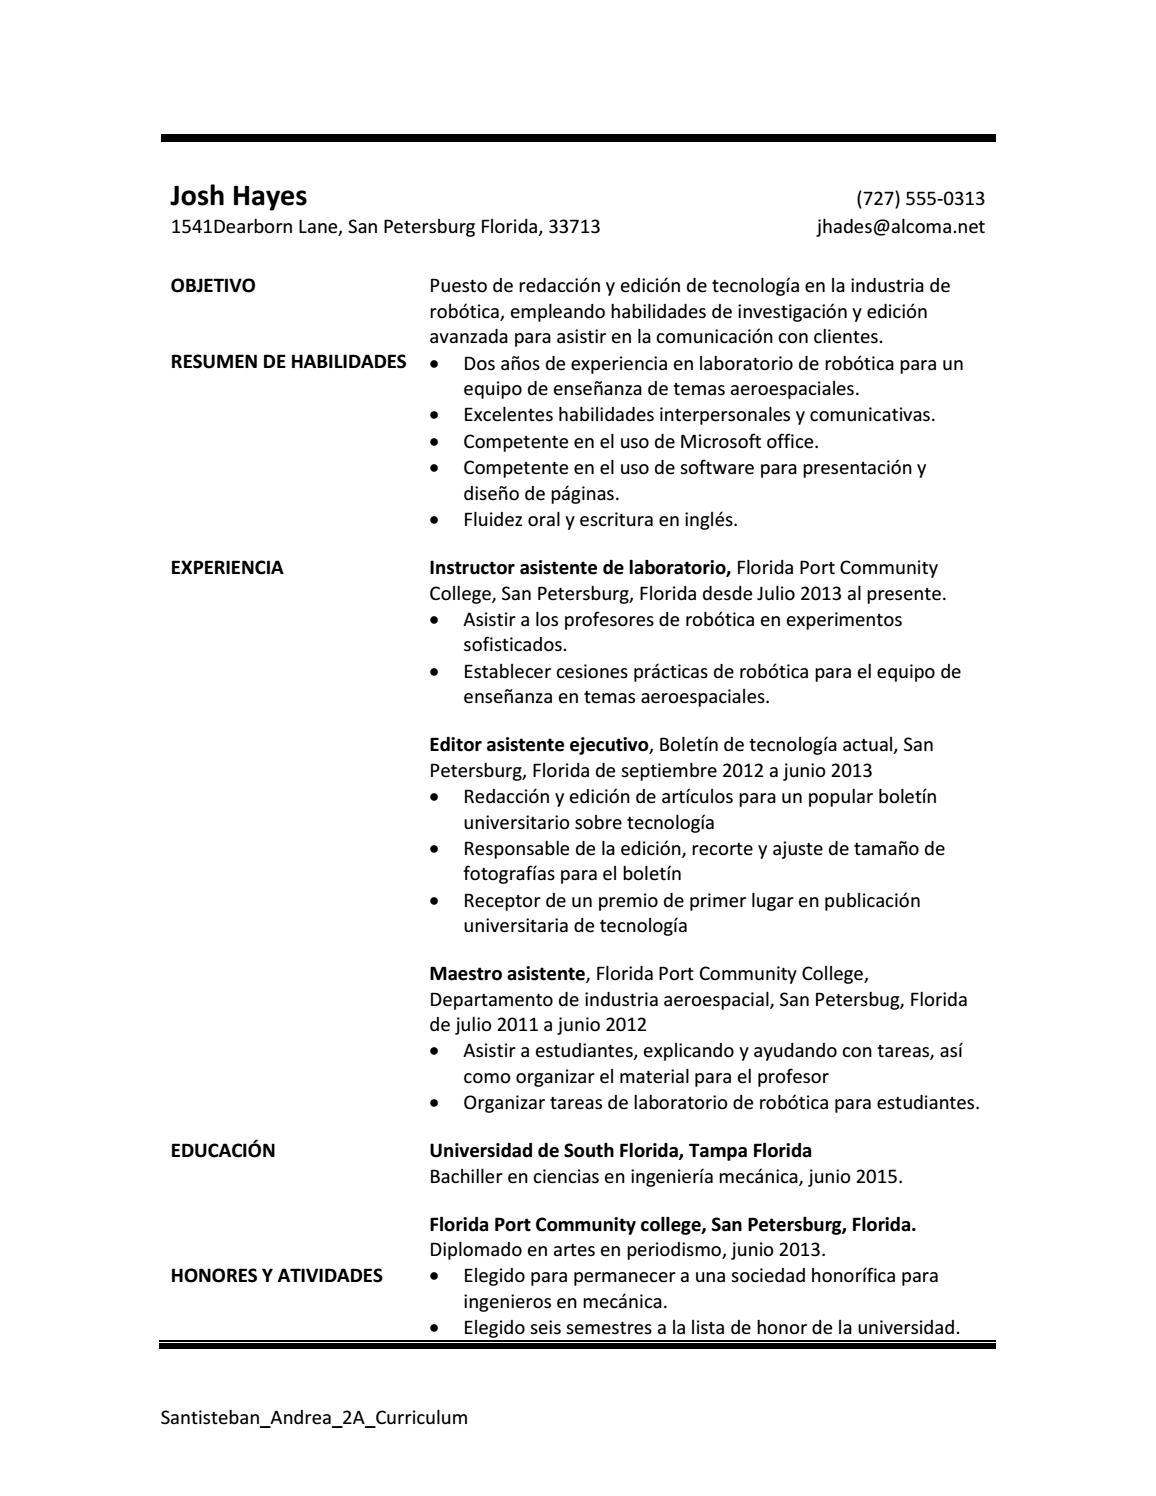 Santisteban andrea 2a curriculum by Andrea Santisteban - issuu